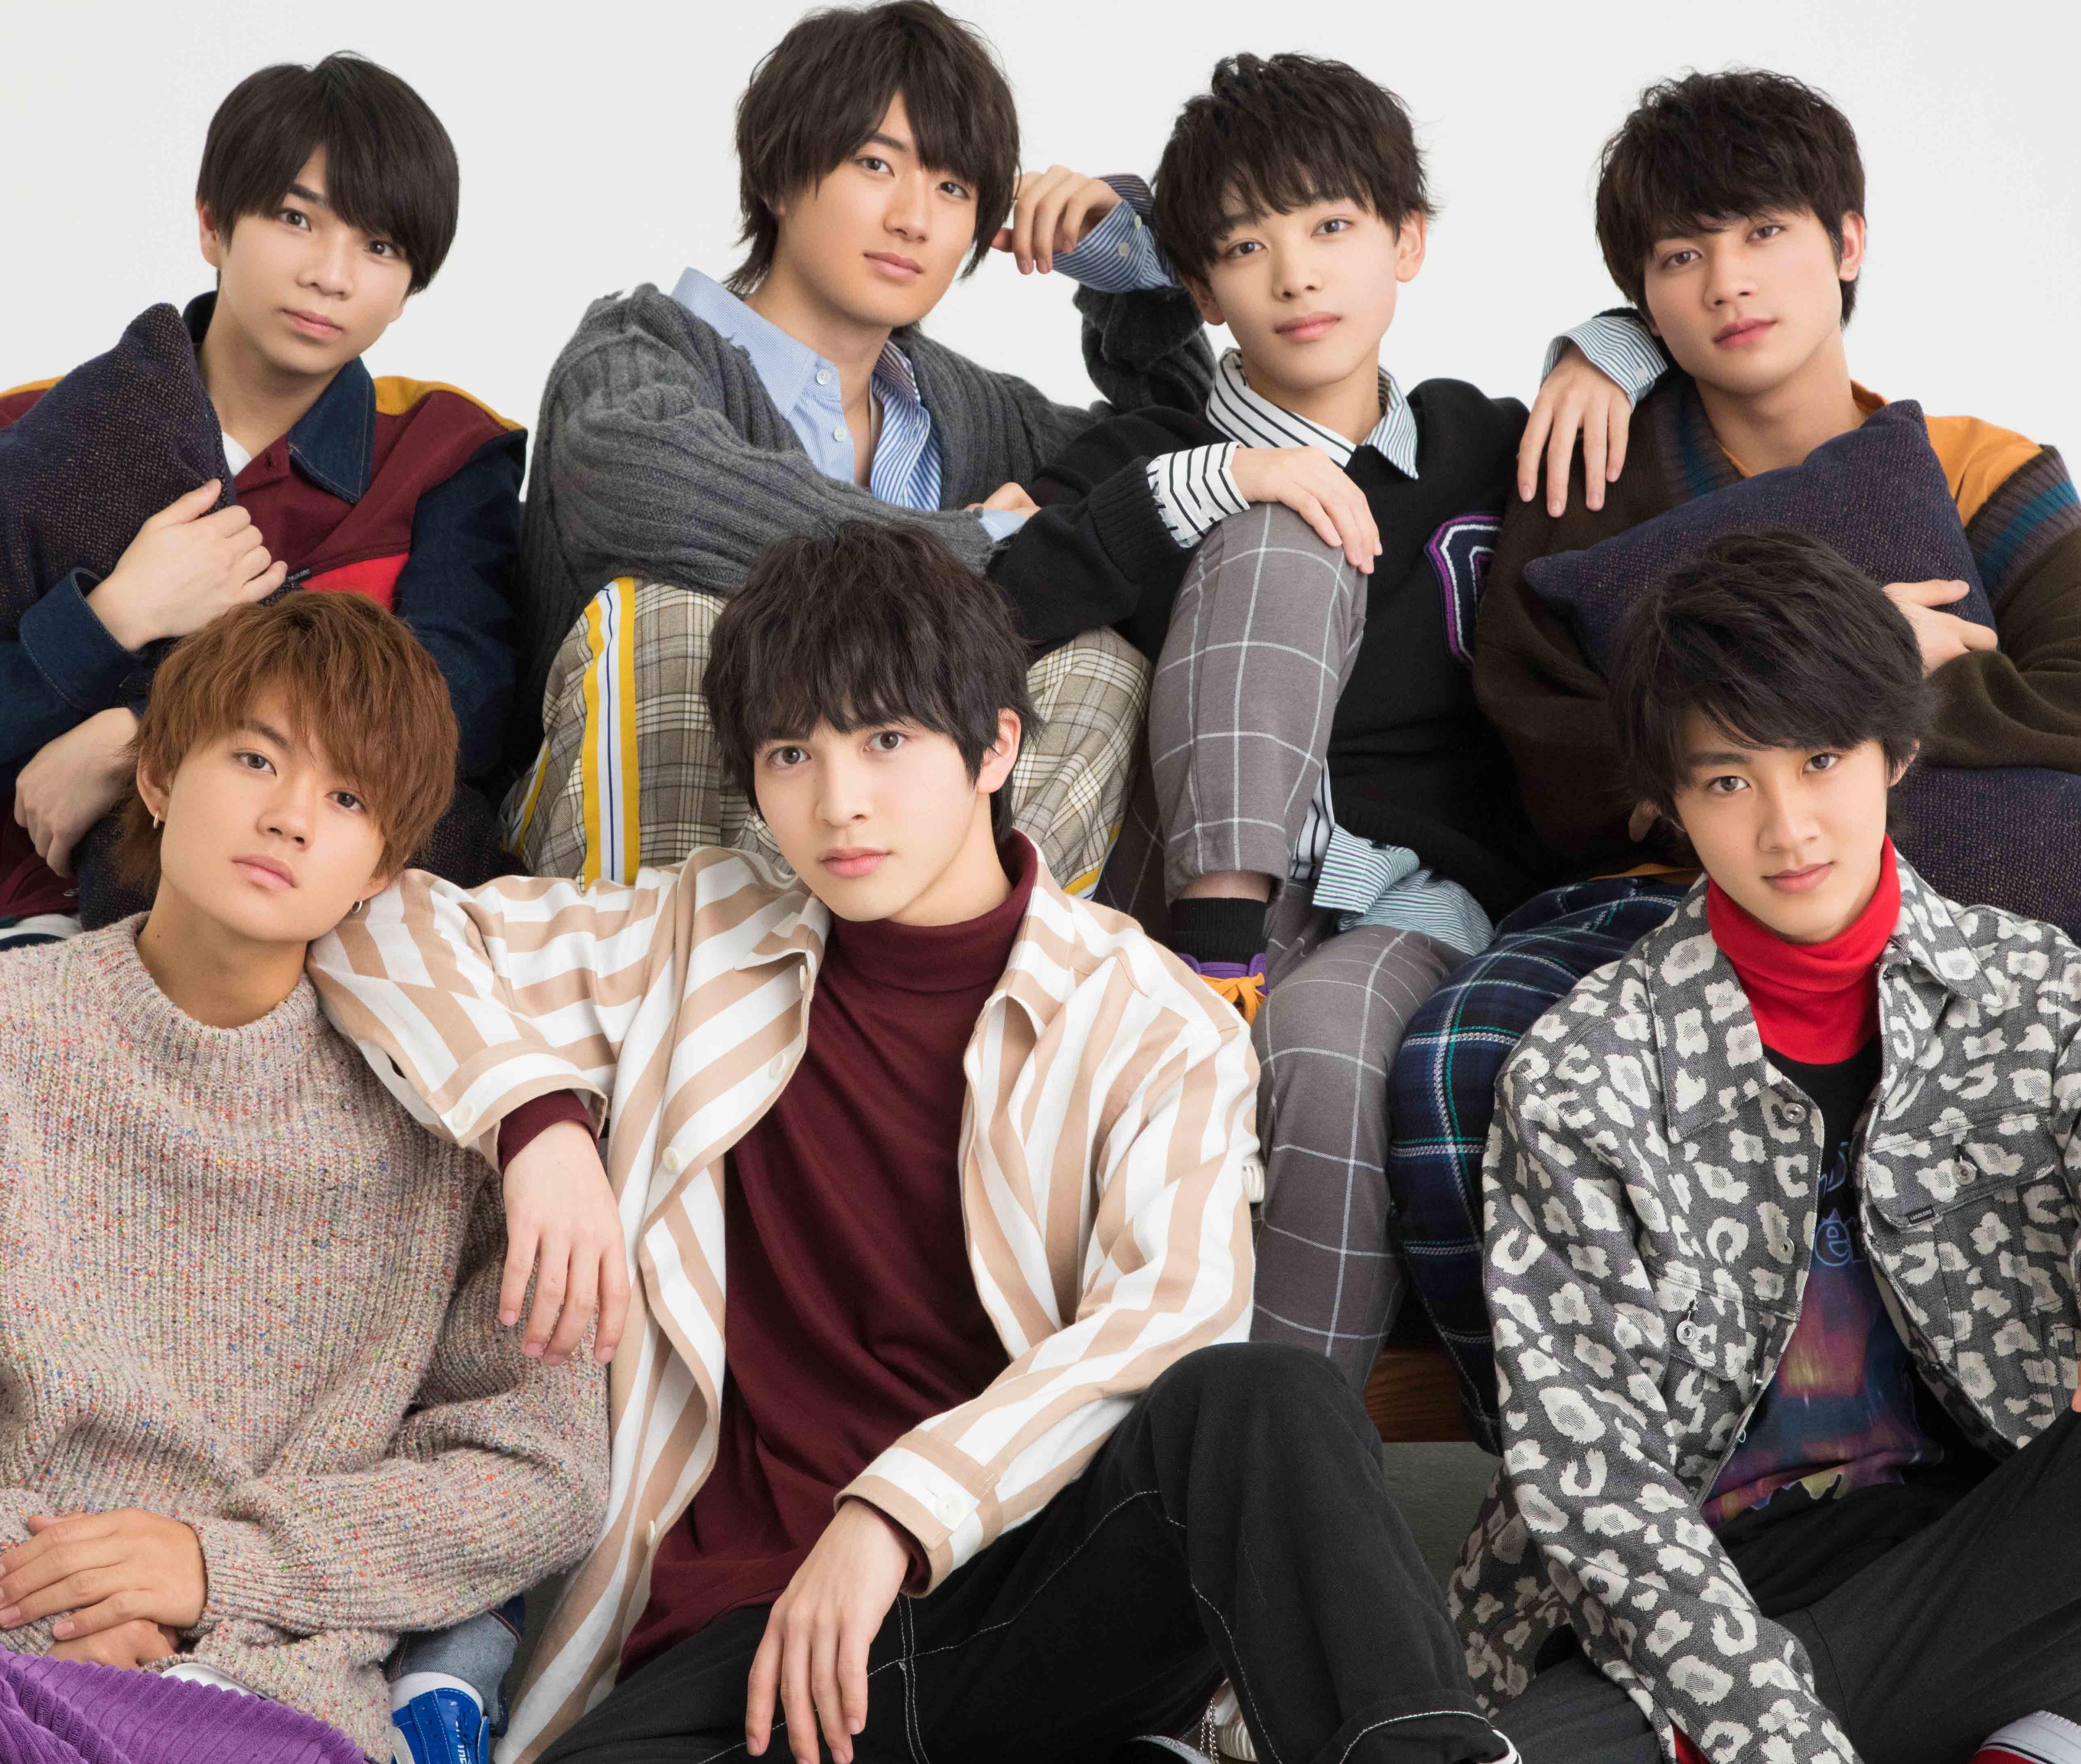 2月6日に2ndアルバムをリリース! 人気ボーカルダンスグループ「M!LK」メンバーの「なんでもランキング」を発表♡